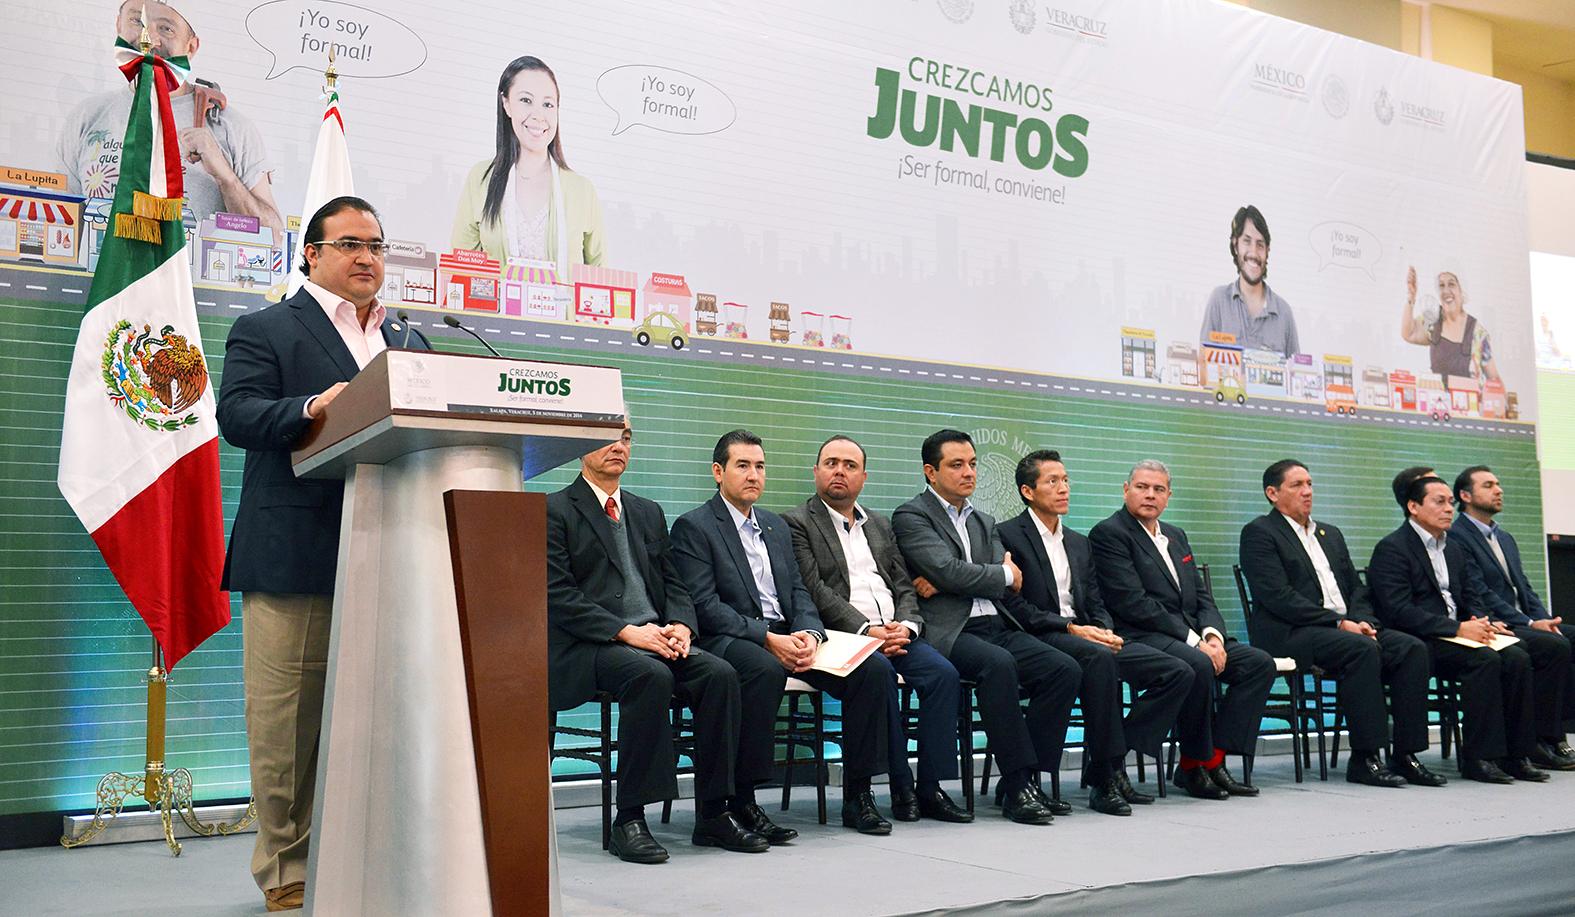 Con Crezcamos juntos, se robustece la economía de los estados: Javier Duarte